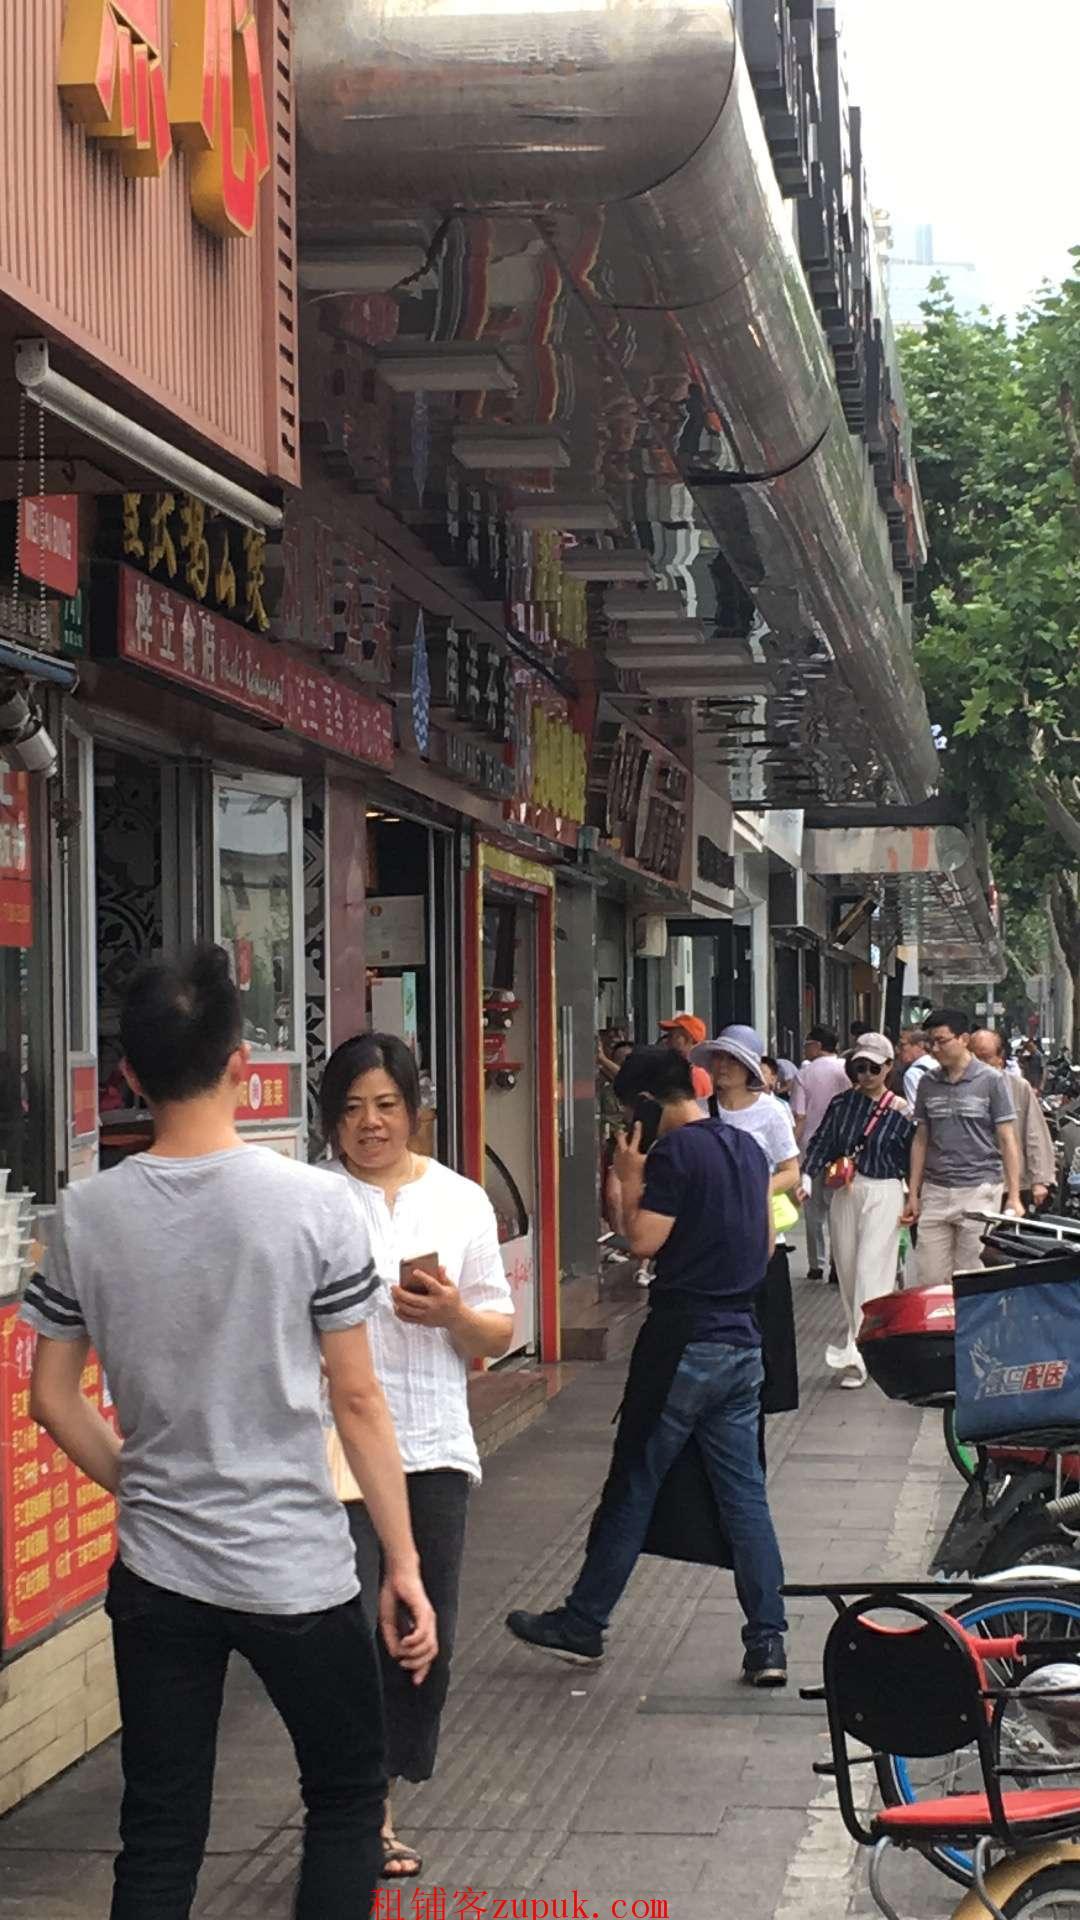 大柏树沿街1楼适合各种串串香冒菜茶餐厅大客流无转费